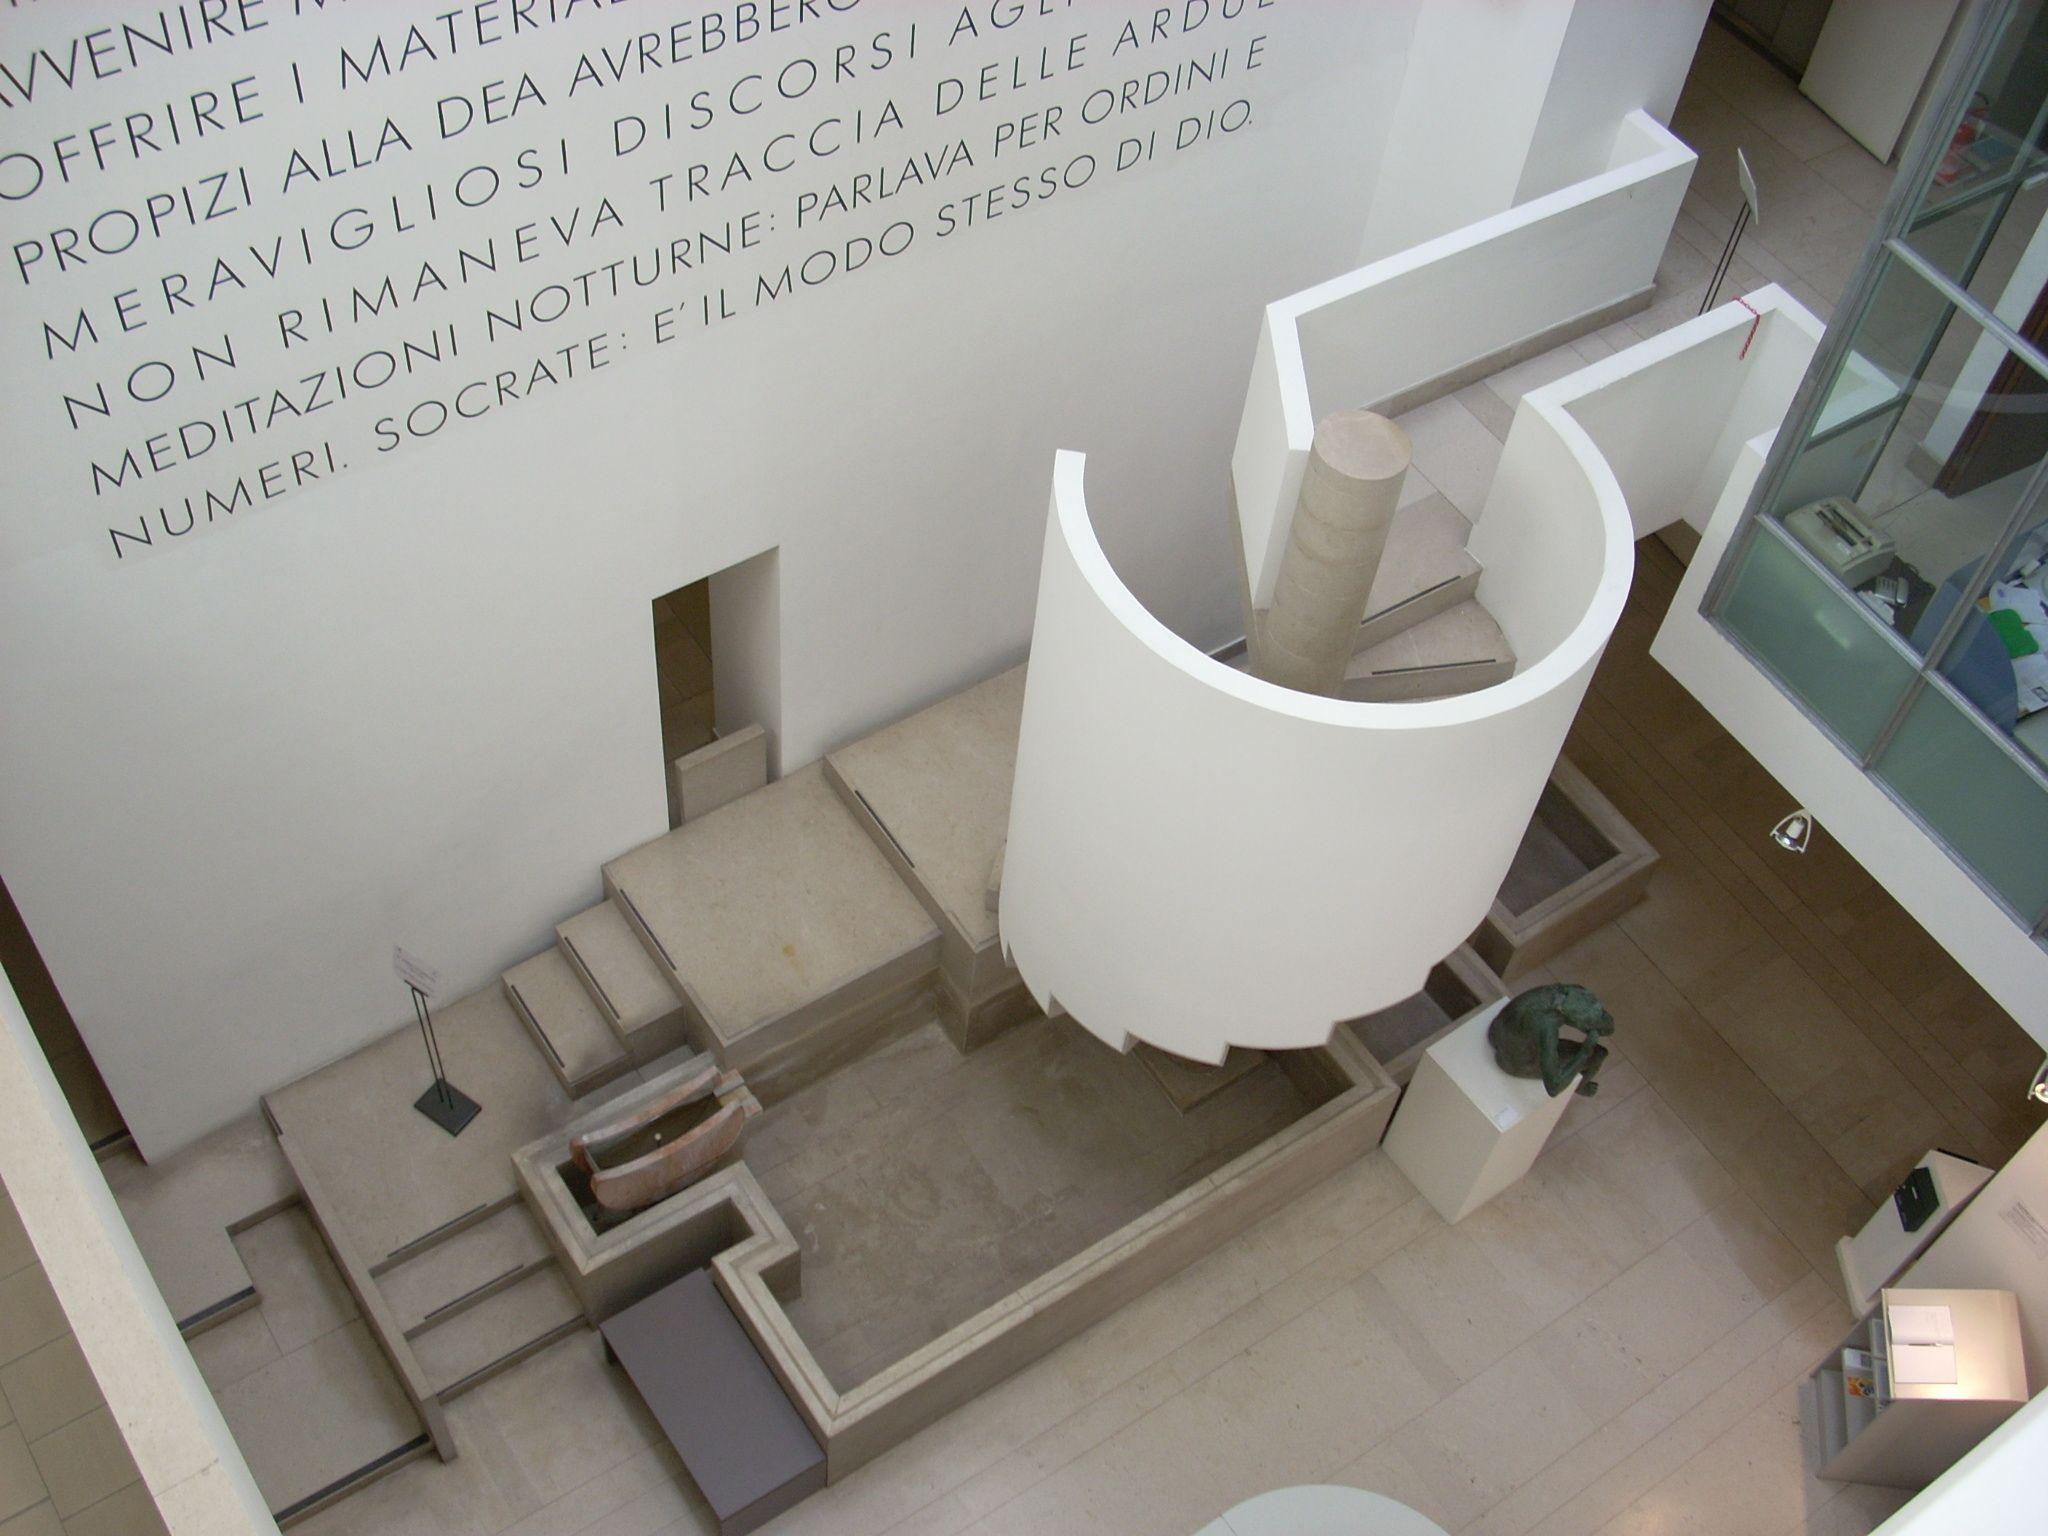 Carlo Scarpa The Museo Revoltella In Trieste Italy